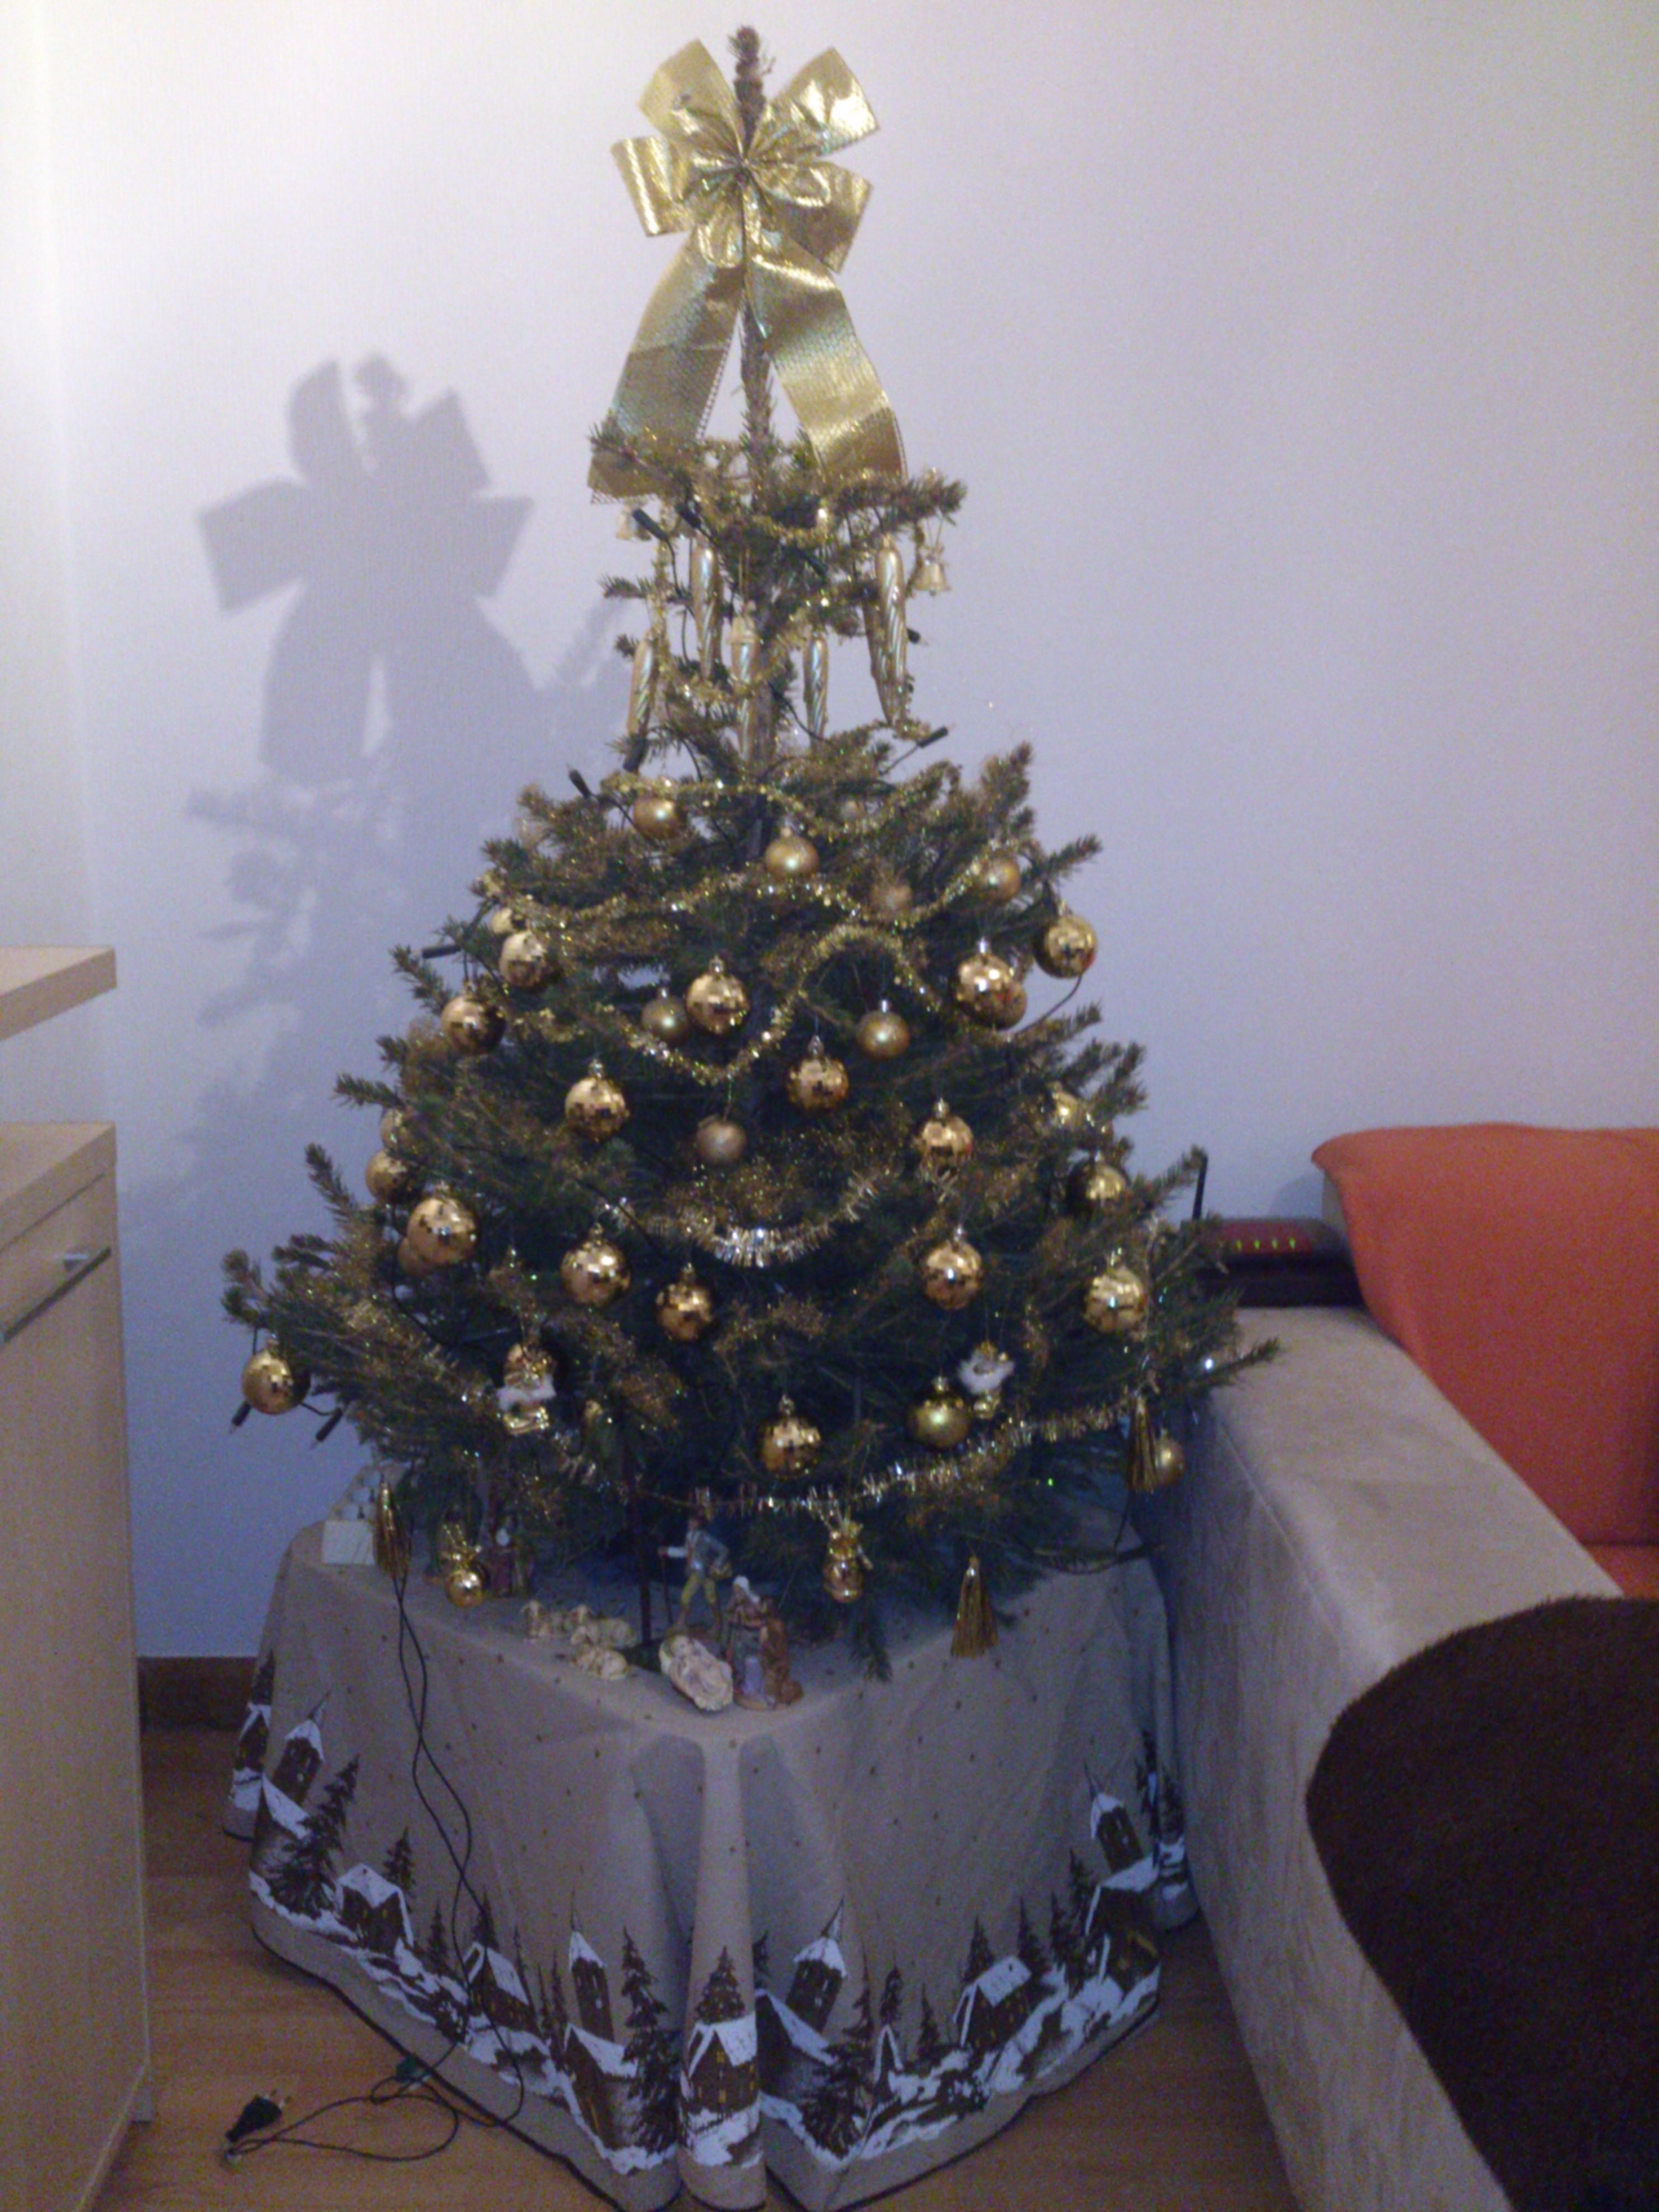 habt ihr einen weihnachtsbaum seite 5 allmystery. Black Bedroom Furniture Sets. Home Design Ideas